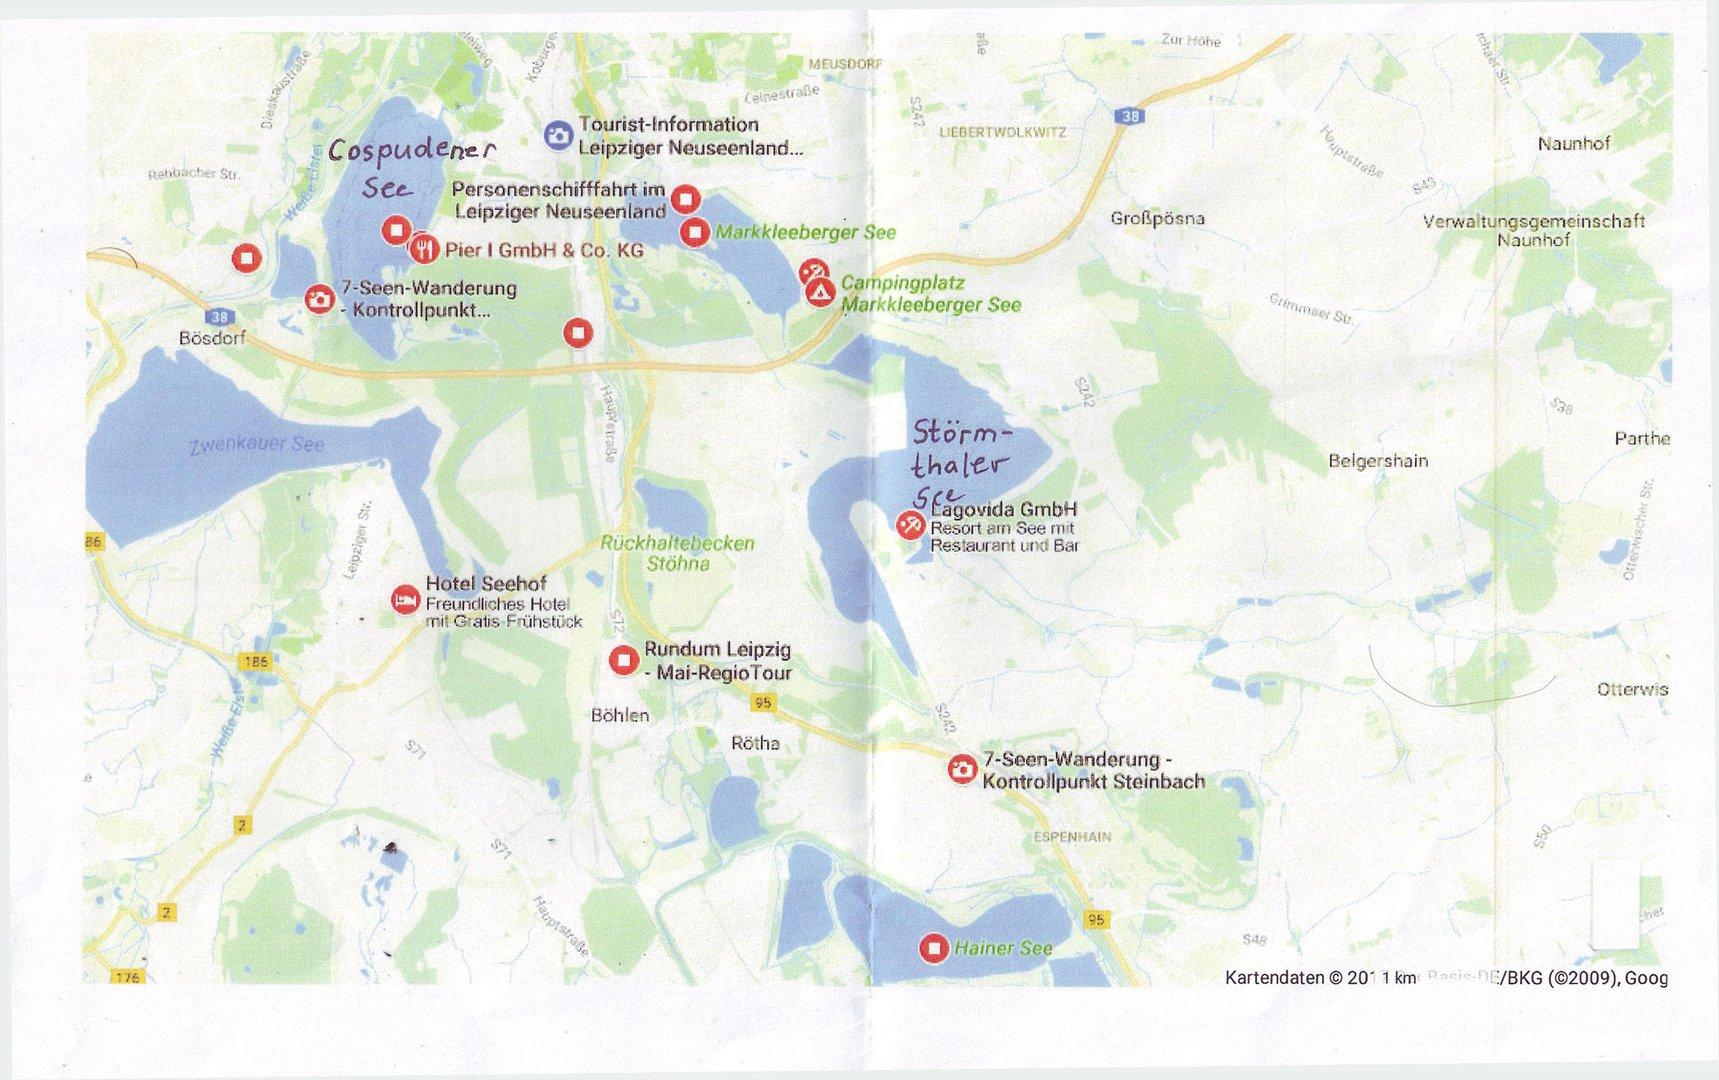 leipziger neuseenland karte Neuseenland Leipzig , die Karte zu den Bildern Foto & Bild